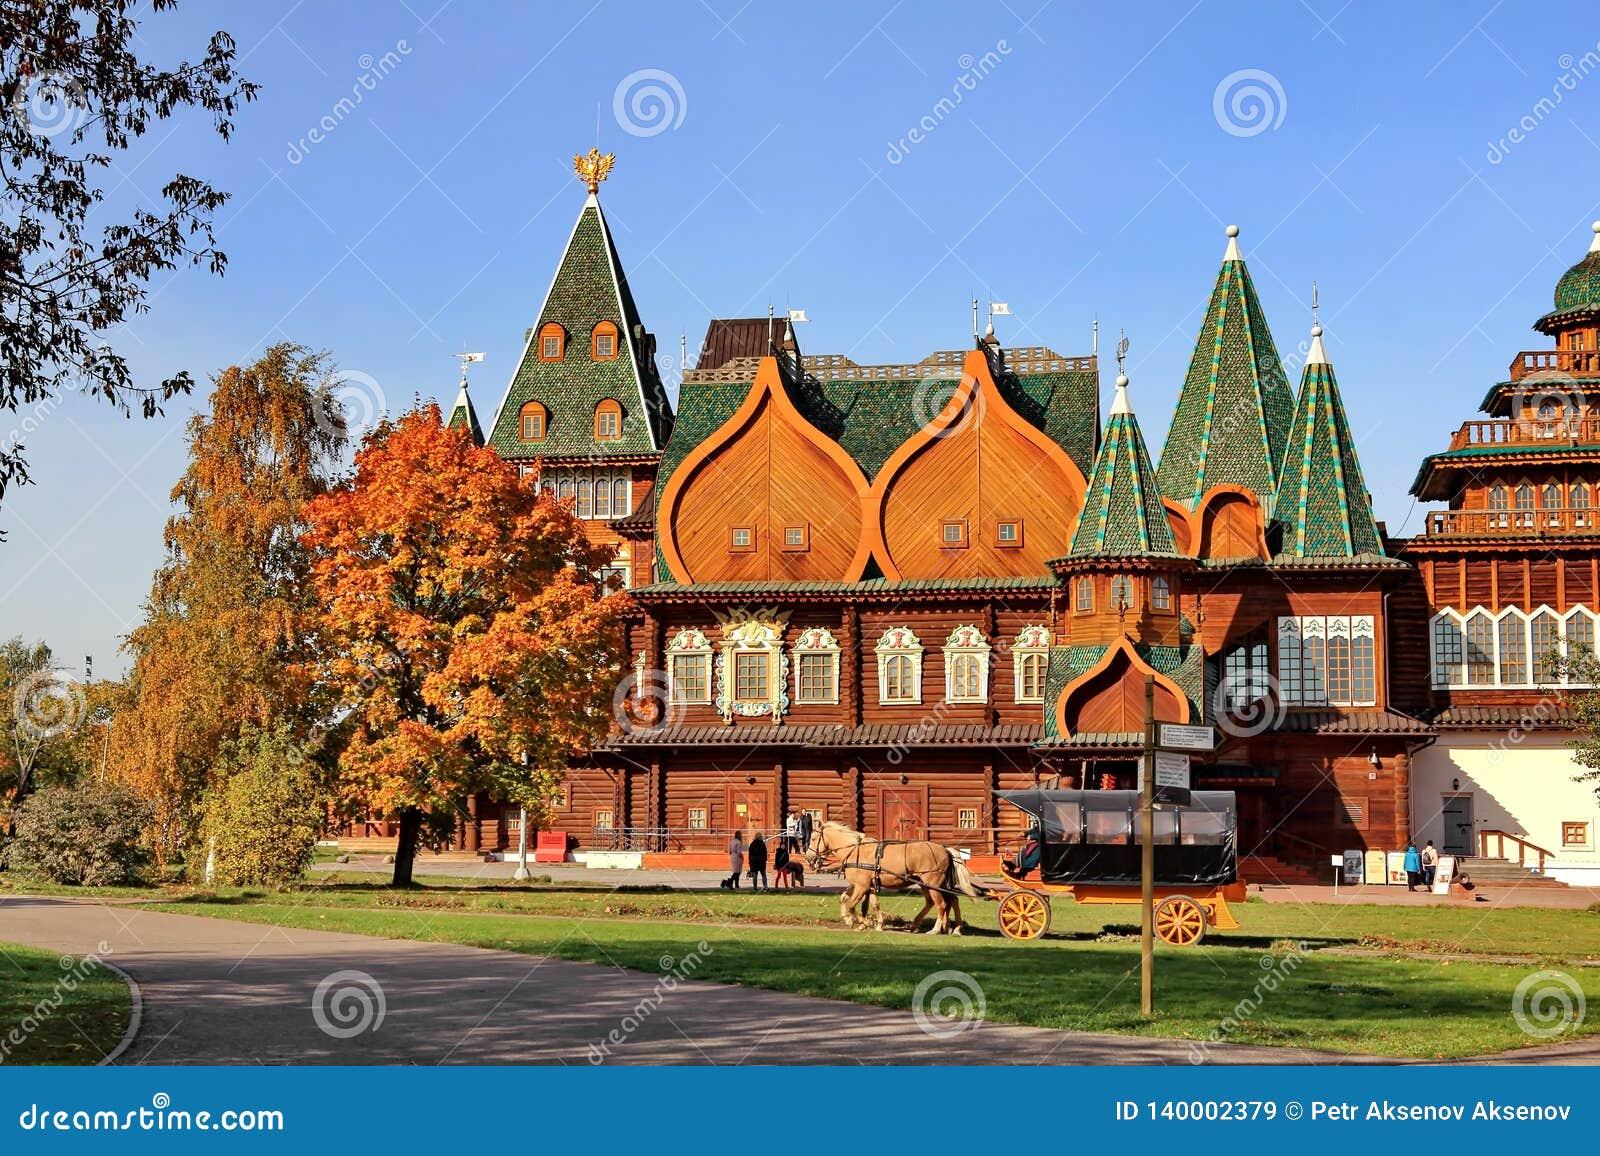 Moscú, Rusia - 9 de octubre de 2018: Palacio del zar Alexei Mikhailovich en los colores brillantes del otoño